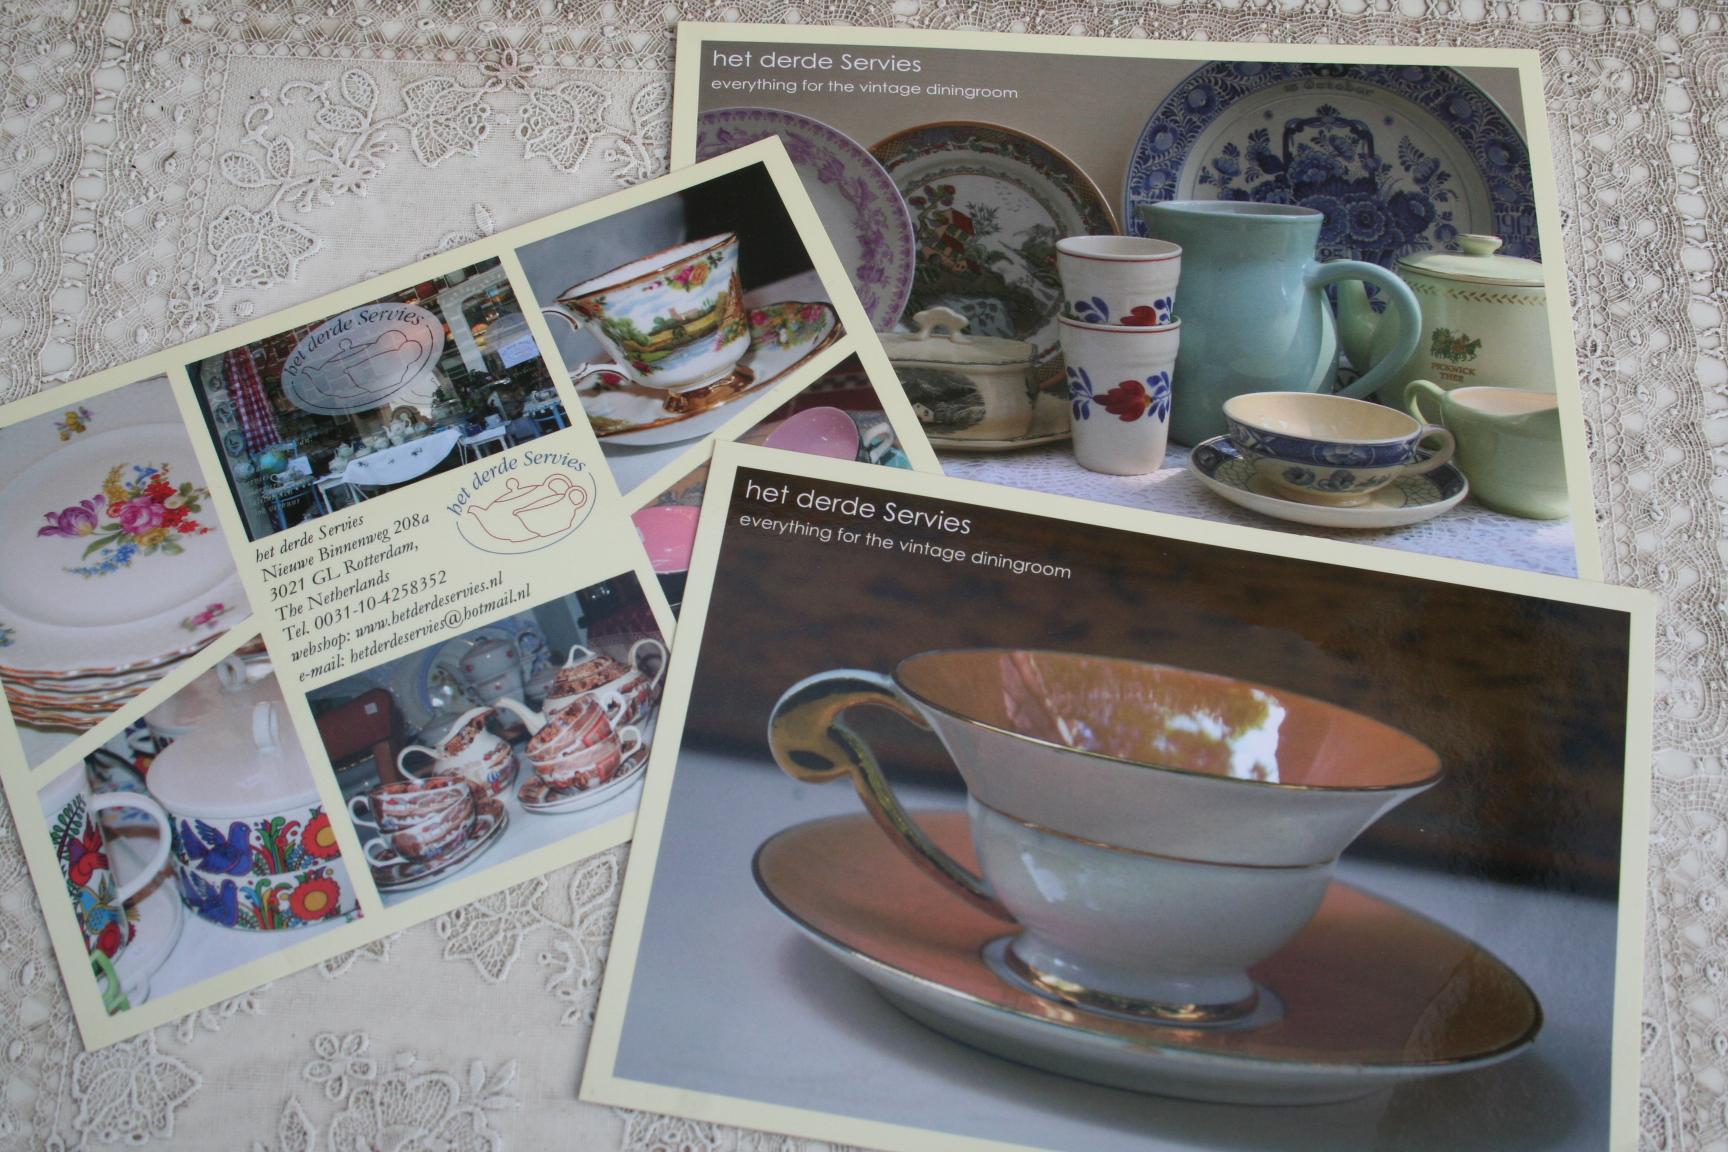 Het Derde Servies.56 Hoe Overleef Je Met Een Vintage Servieszaak Op De Nieuwe